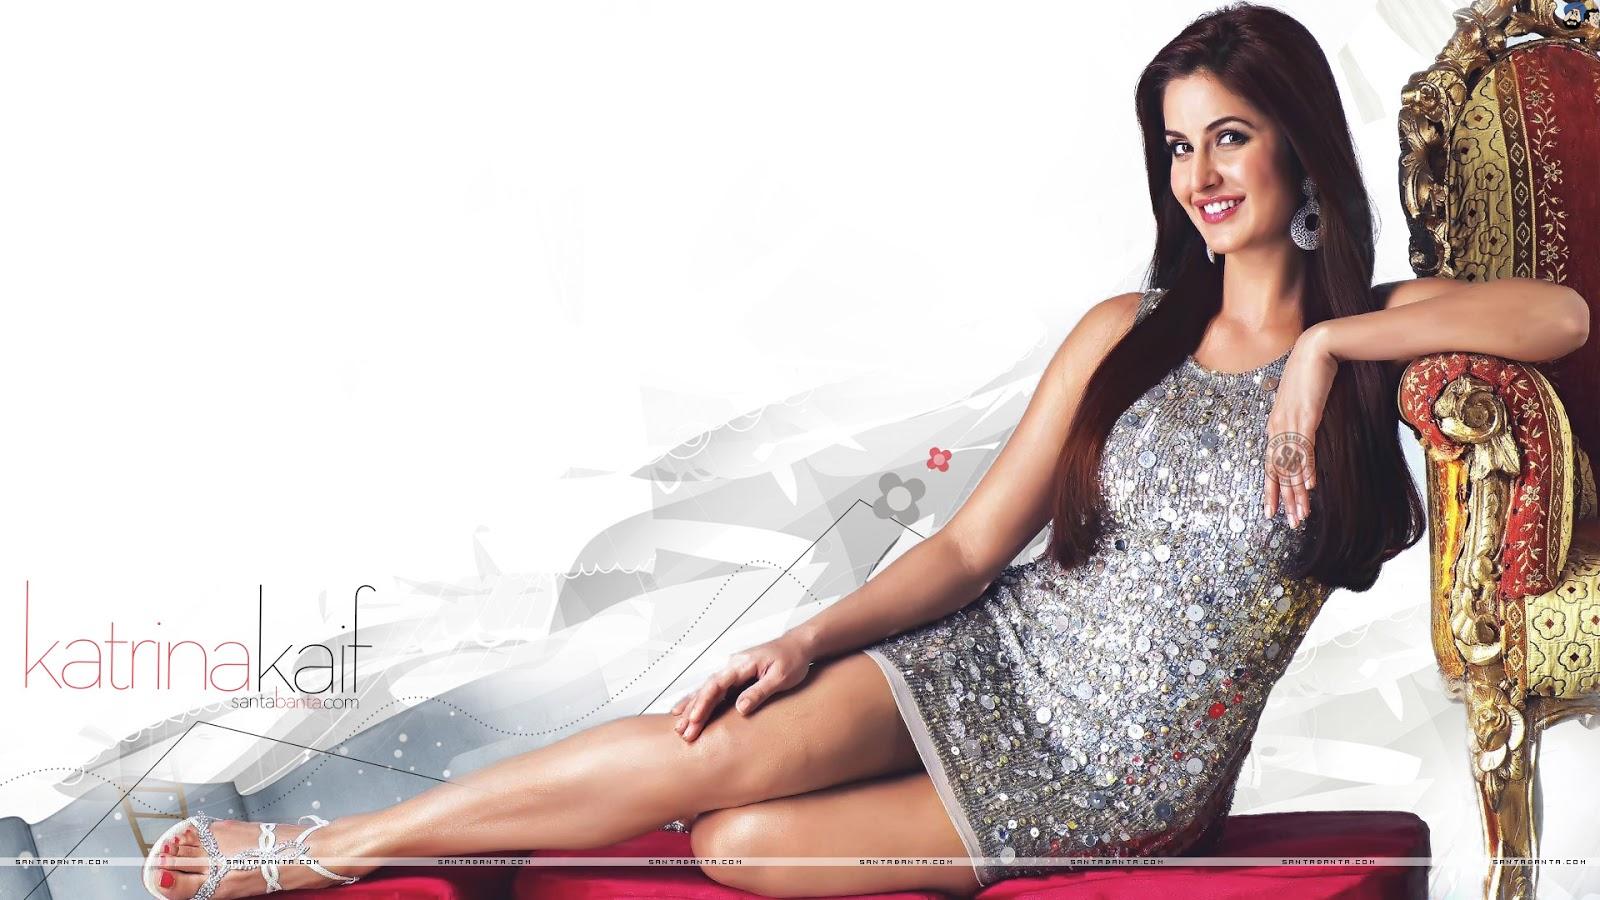 Katrina Kaif [New 2013] HD Wallpaper Collection Download